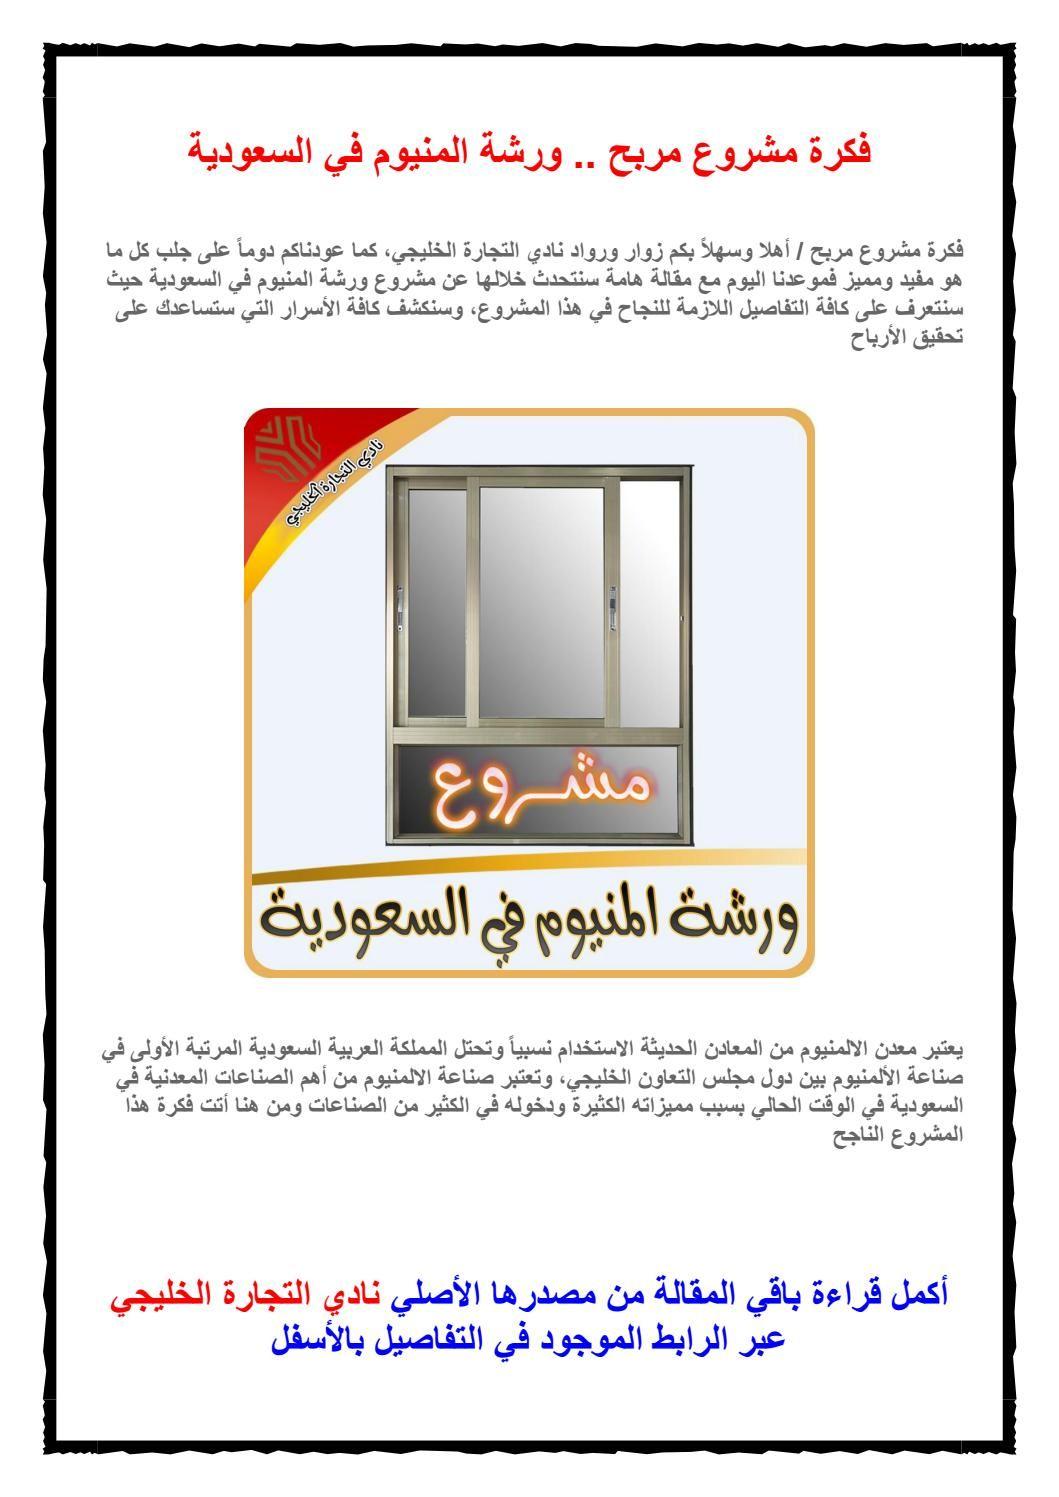 مشروع ورشة المنيوم في السعودية Microsoft Word Document Words Letters